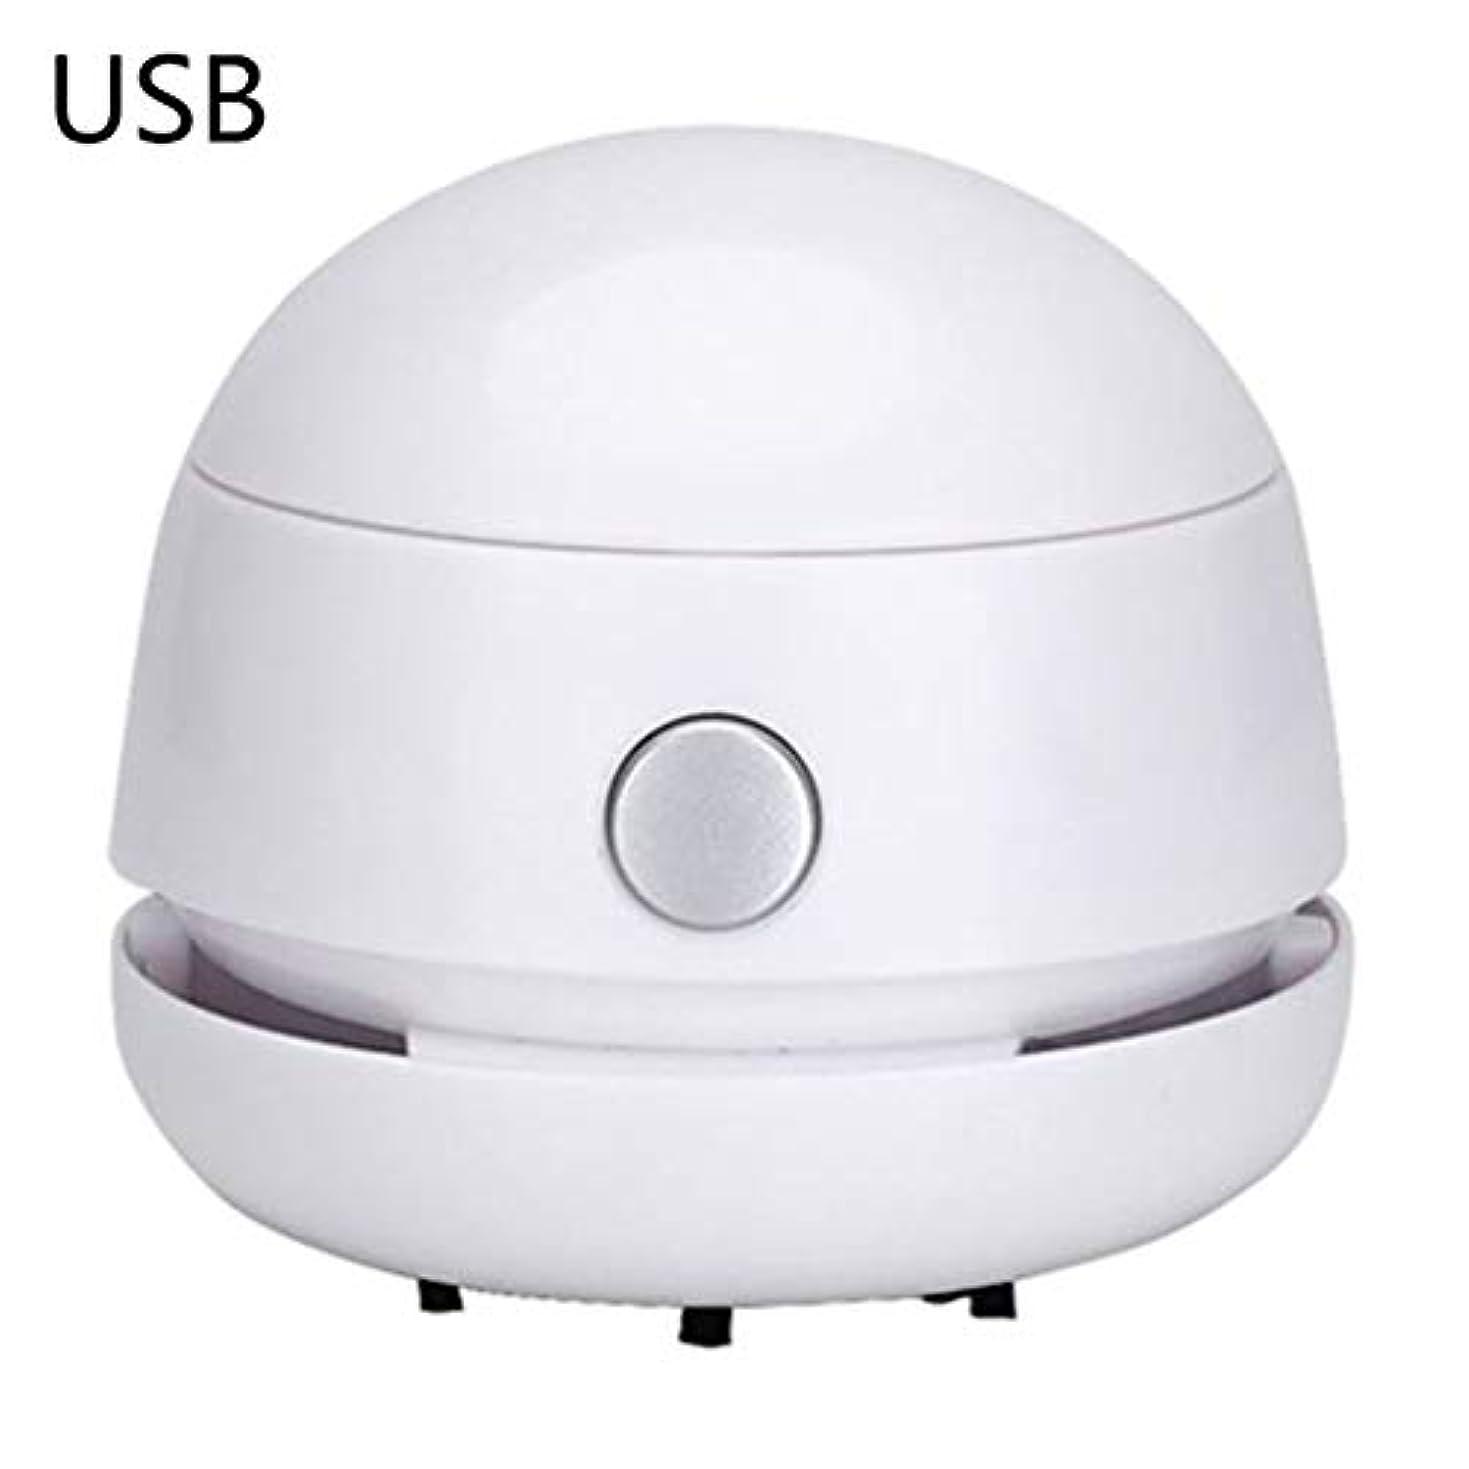 ひどく海外でプロペラミニポータブルネイル集塵機デスクトップ充電式ネイルアート掃除機マニキュアツール,白